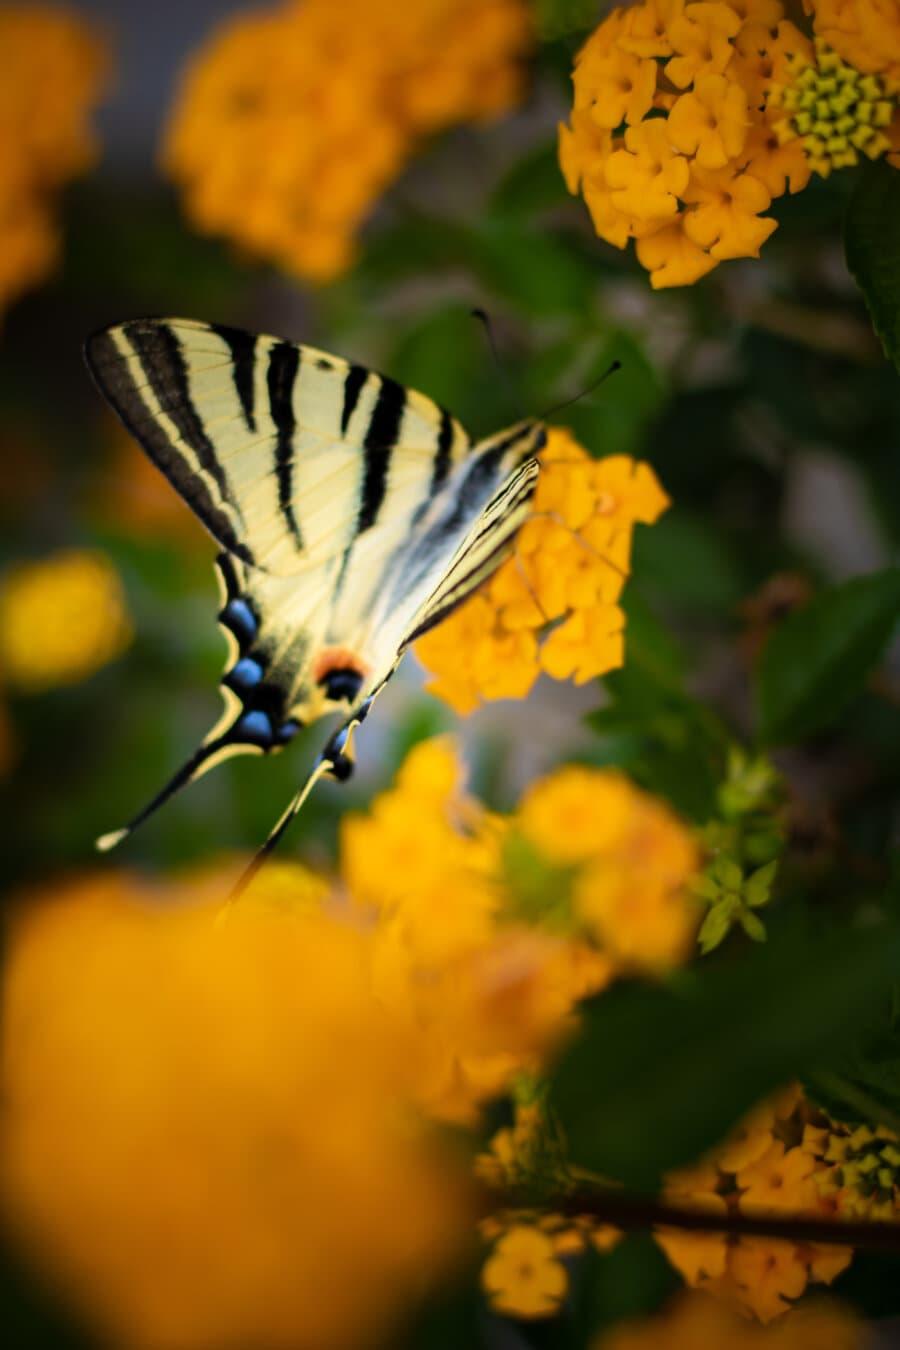 πεταλούδα λουλούδι, πεταλούδα, πολύχρωμο, κιτρινωπό, Όμορφο, έντομο, φυτό, το καλοκαίρι, θάμνος, φύση